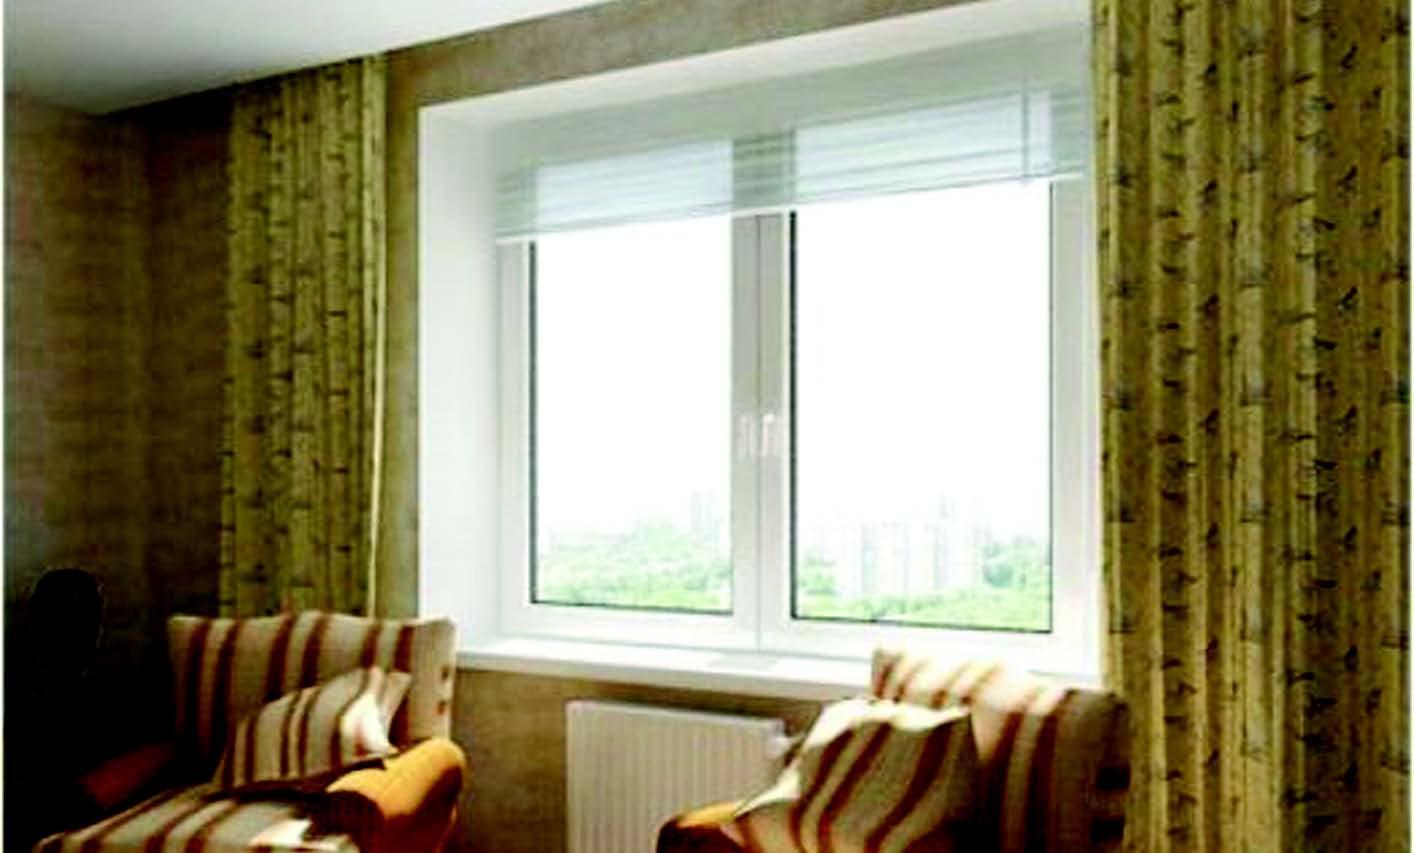 Металлопластиковые окна,двери,балконы.... бизнес / услуги.